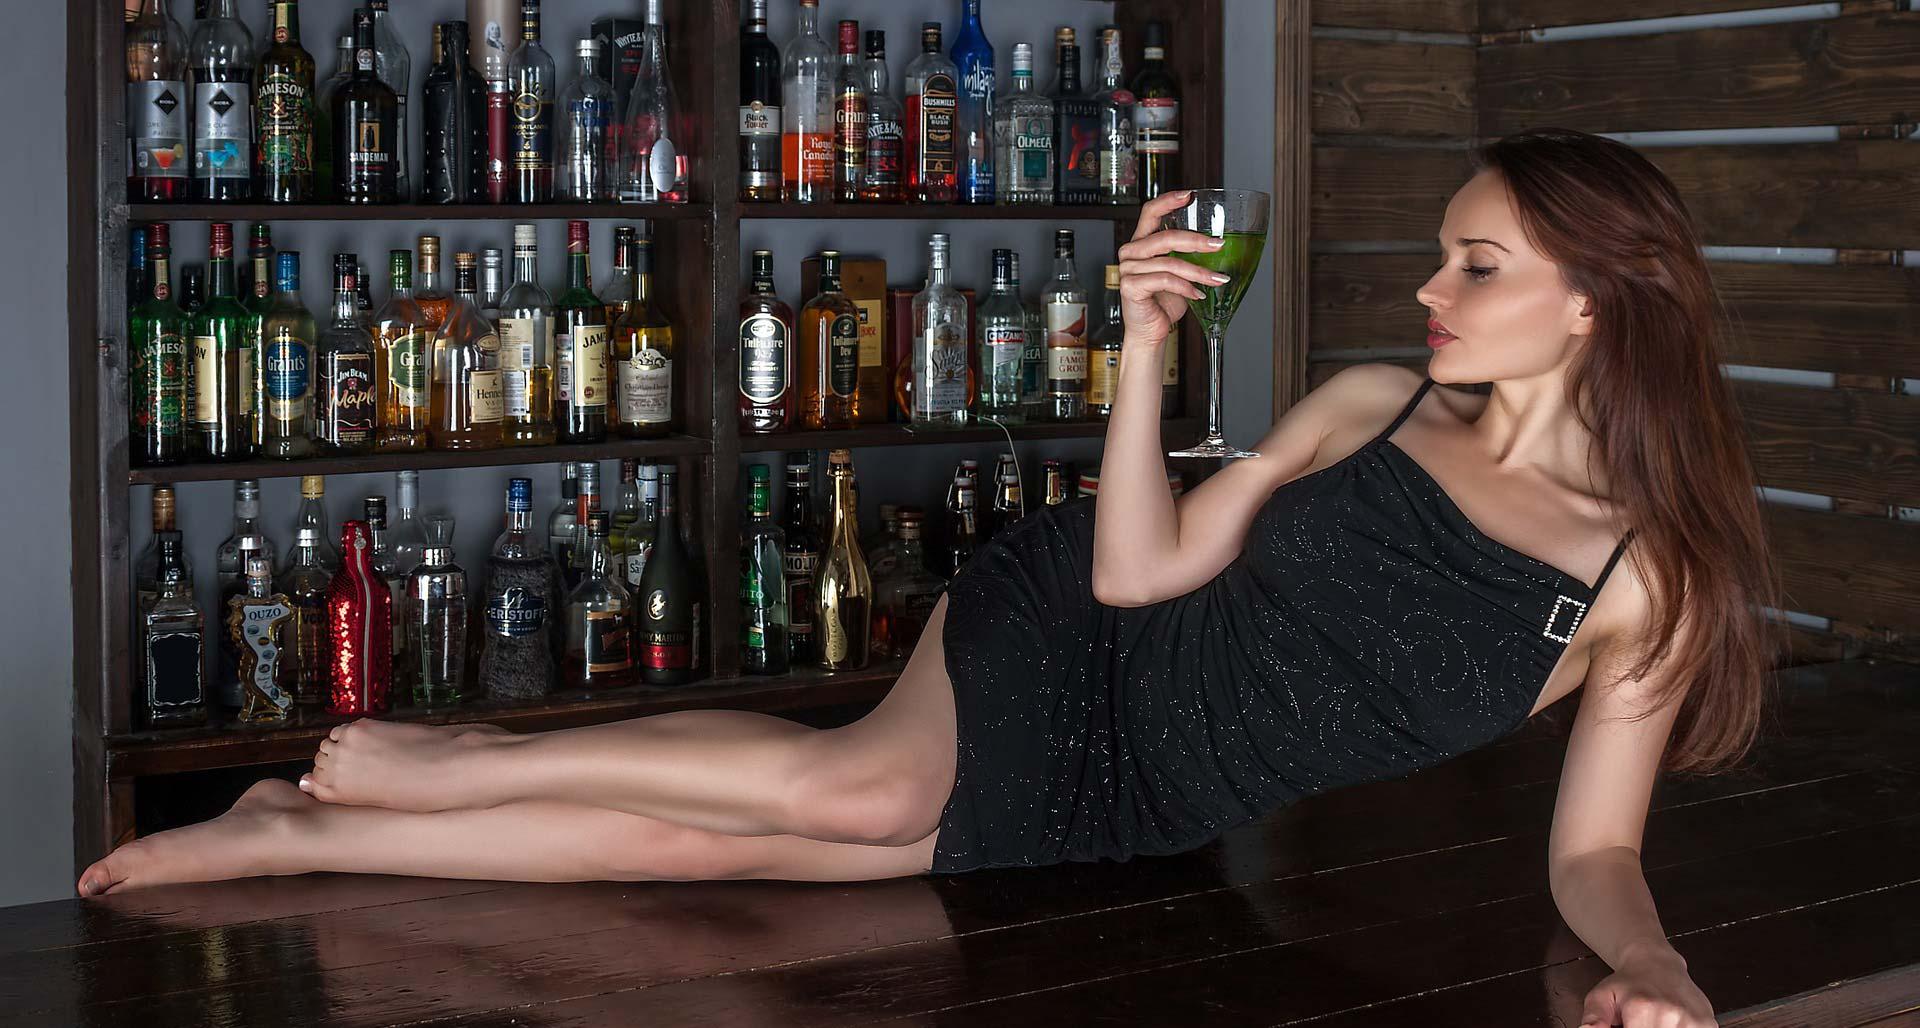 recette de cocktail, boisson alcoolisée